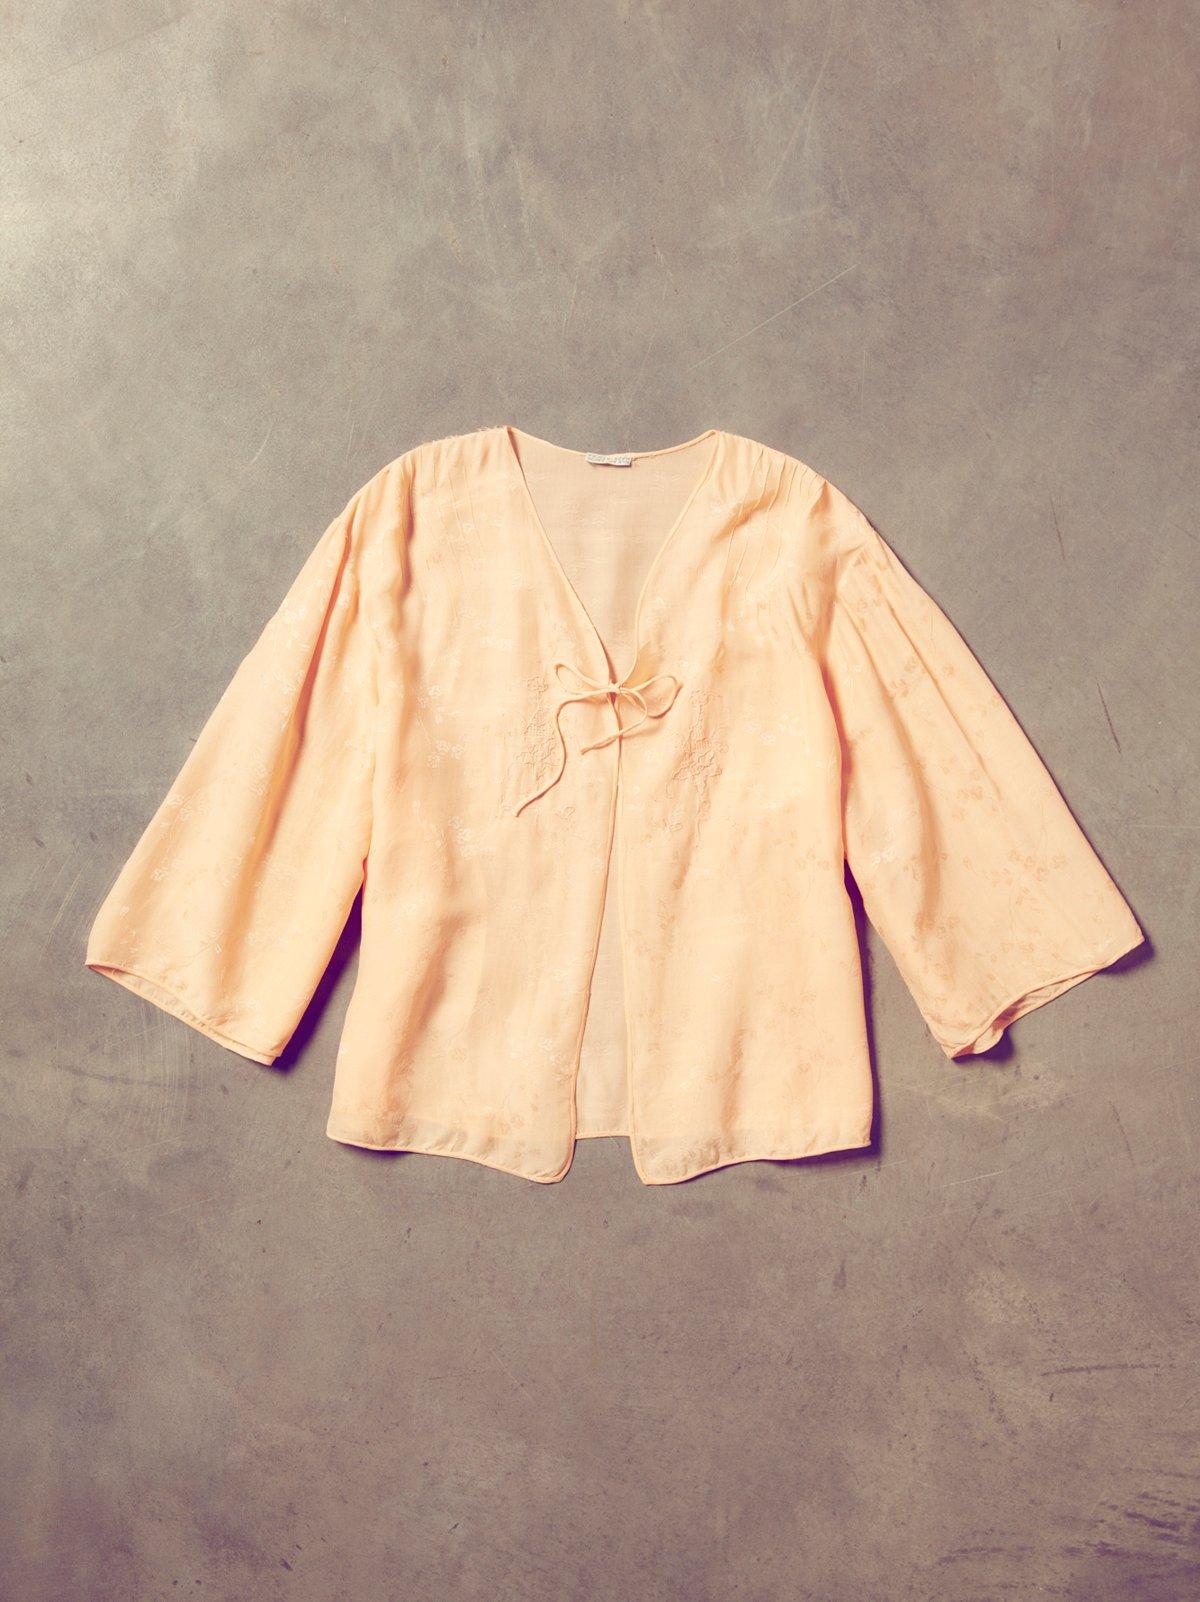 Vintage 50s Silky Kimono Top